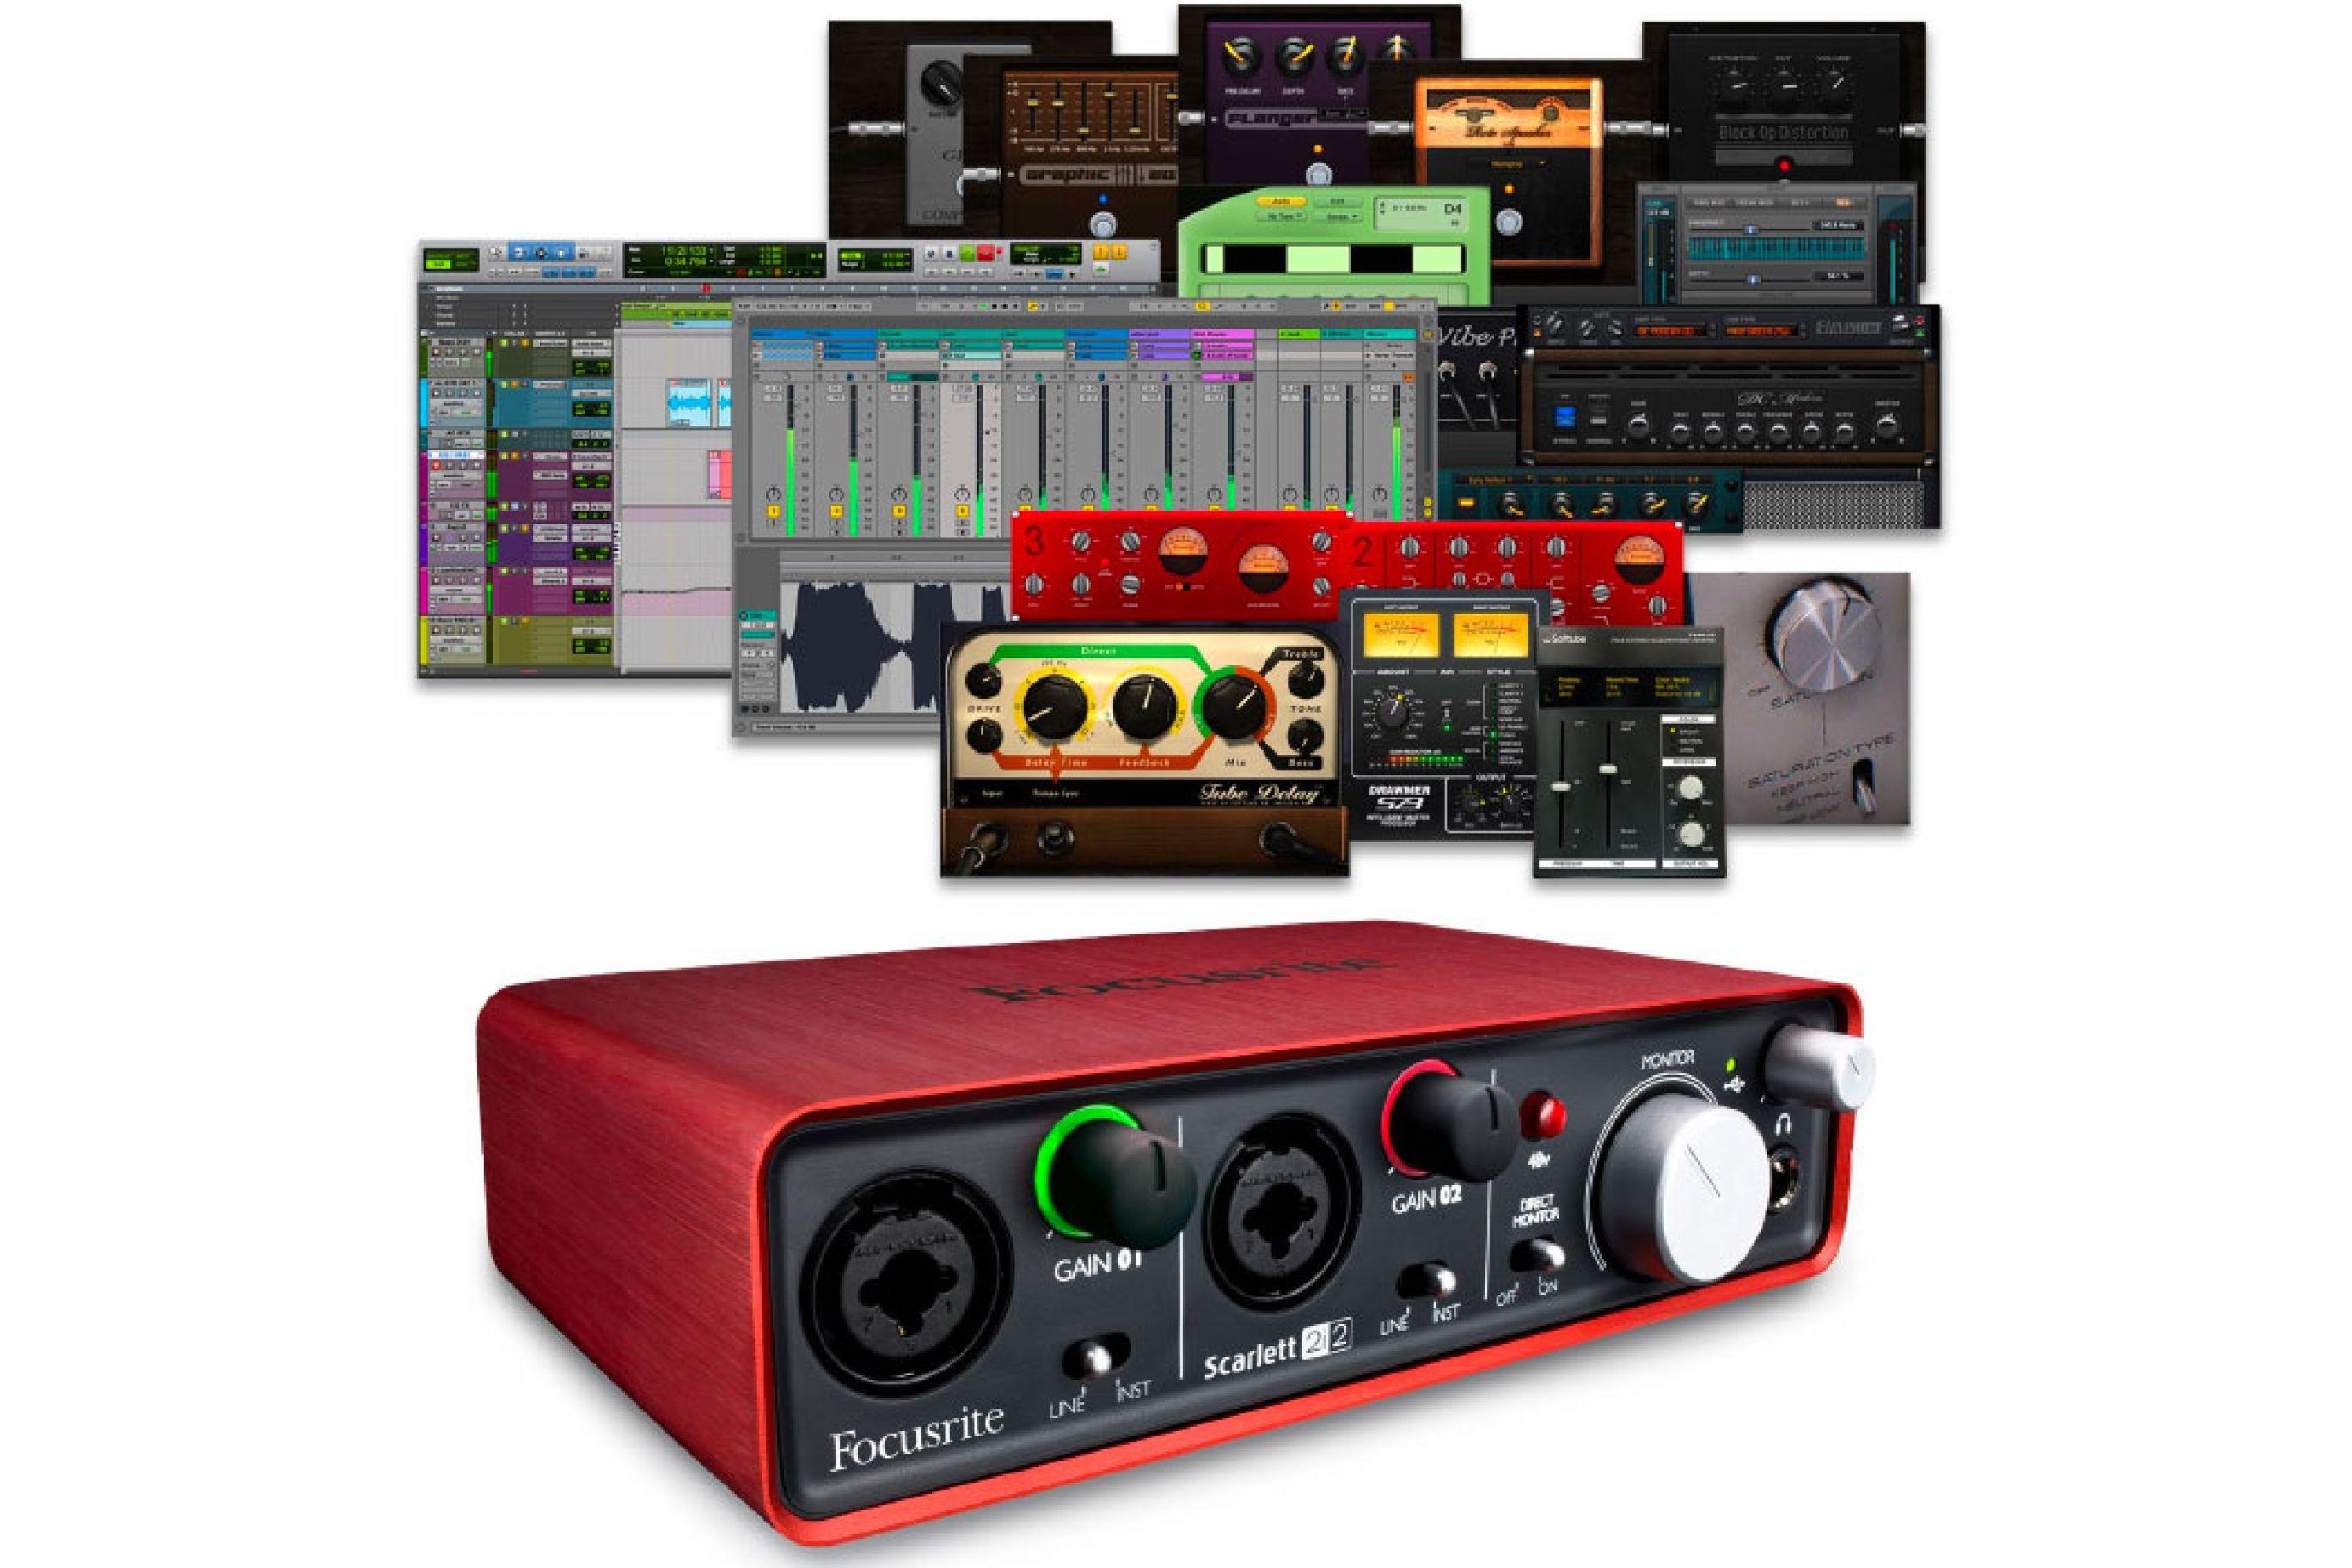 Schede audio Focusrite Scarlett: quale scegliere? Prezzi e recensioni